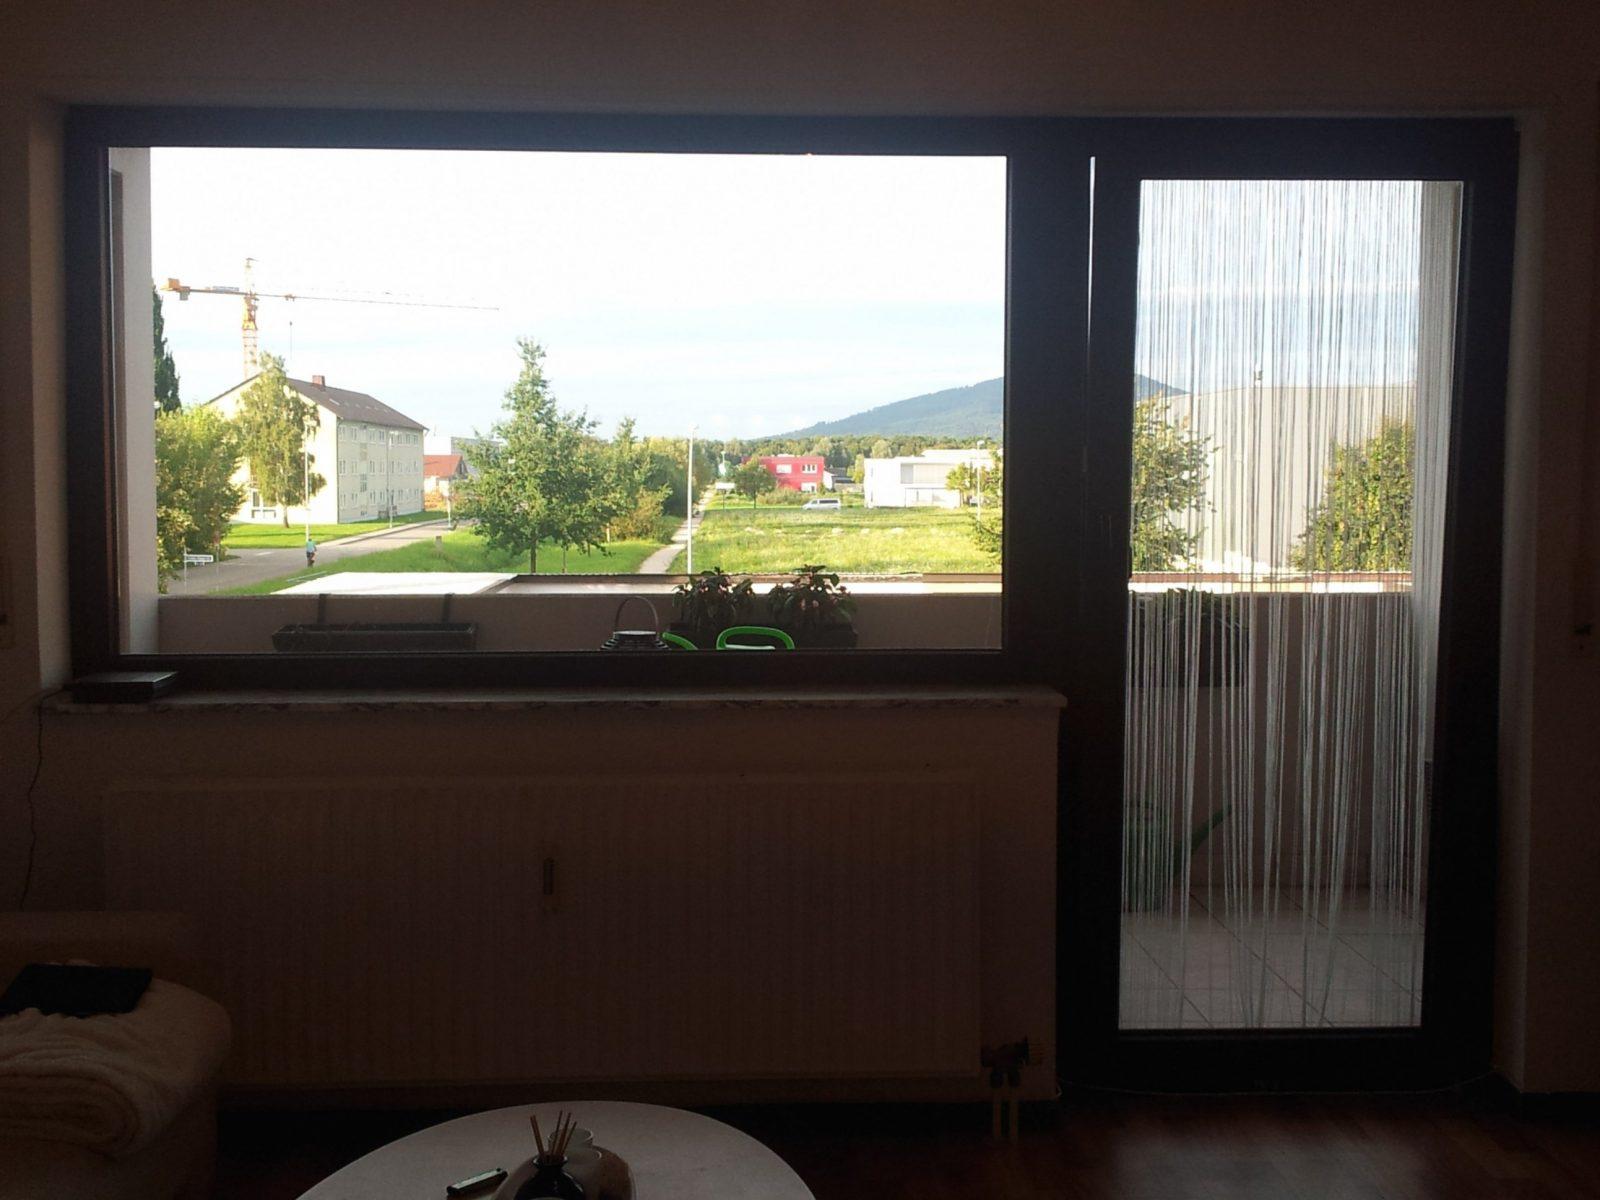 Die 20 Besten Ideen Für Wohnzimmer Gardinen Mit Balkontür  Beste von Gardinen Für Wohnzimmer Mit Balkontür Bild